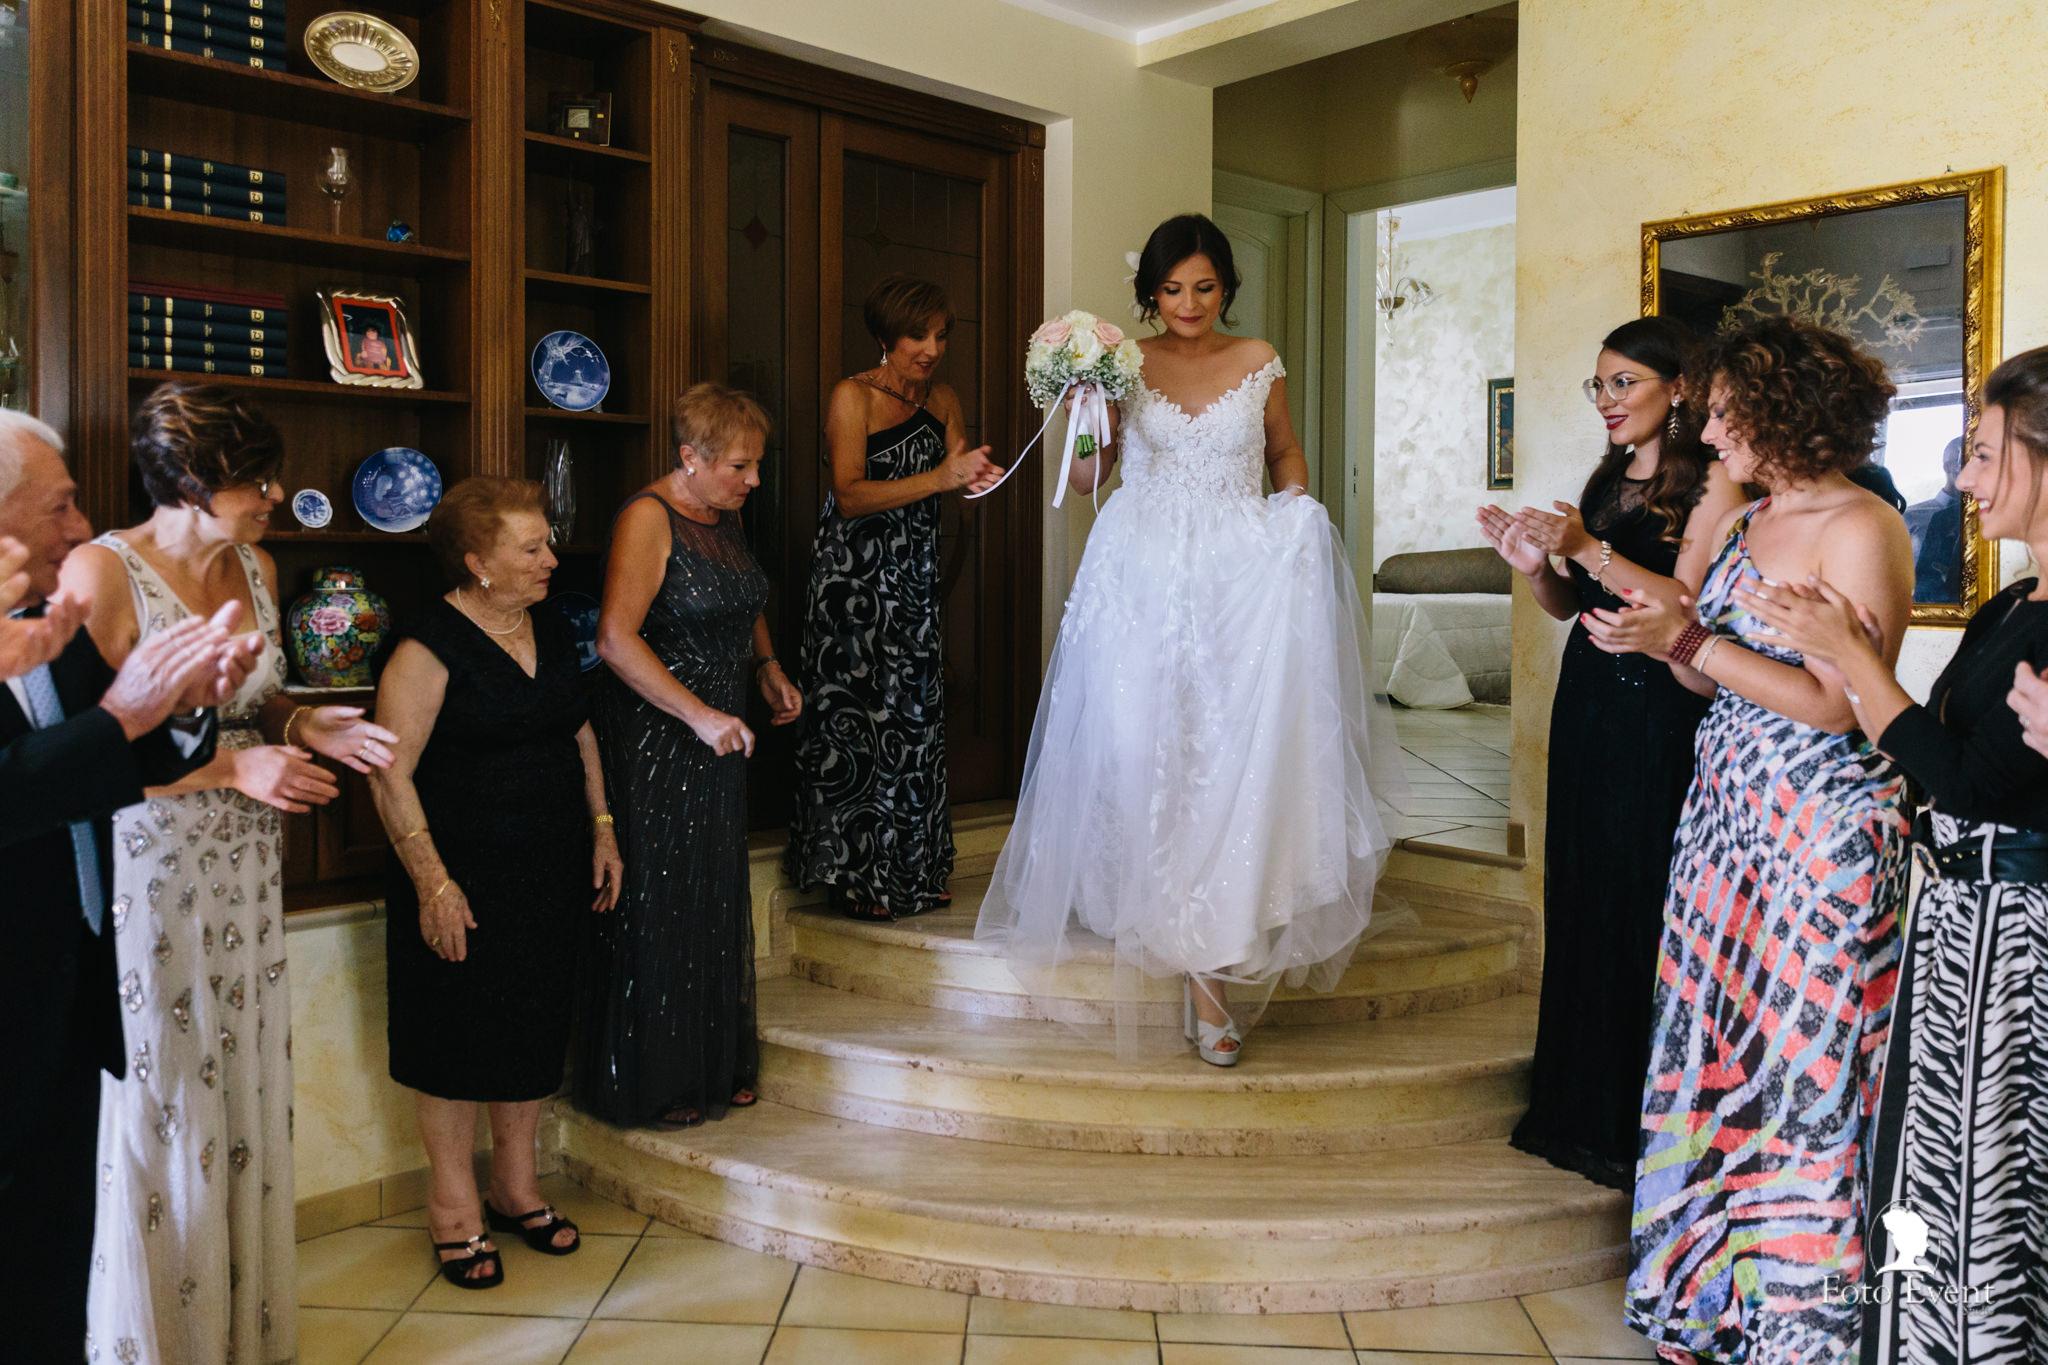 016-2019-09-09-Matrimonio-Dorotea-e-Alberto-Iemmolo-5DE-432